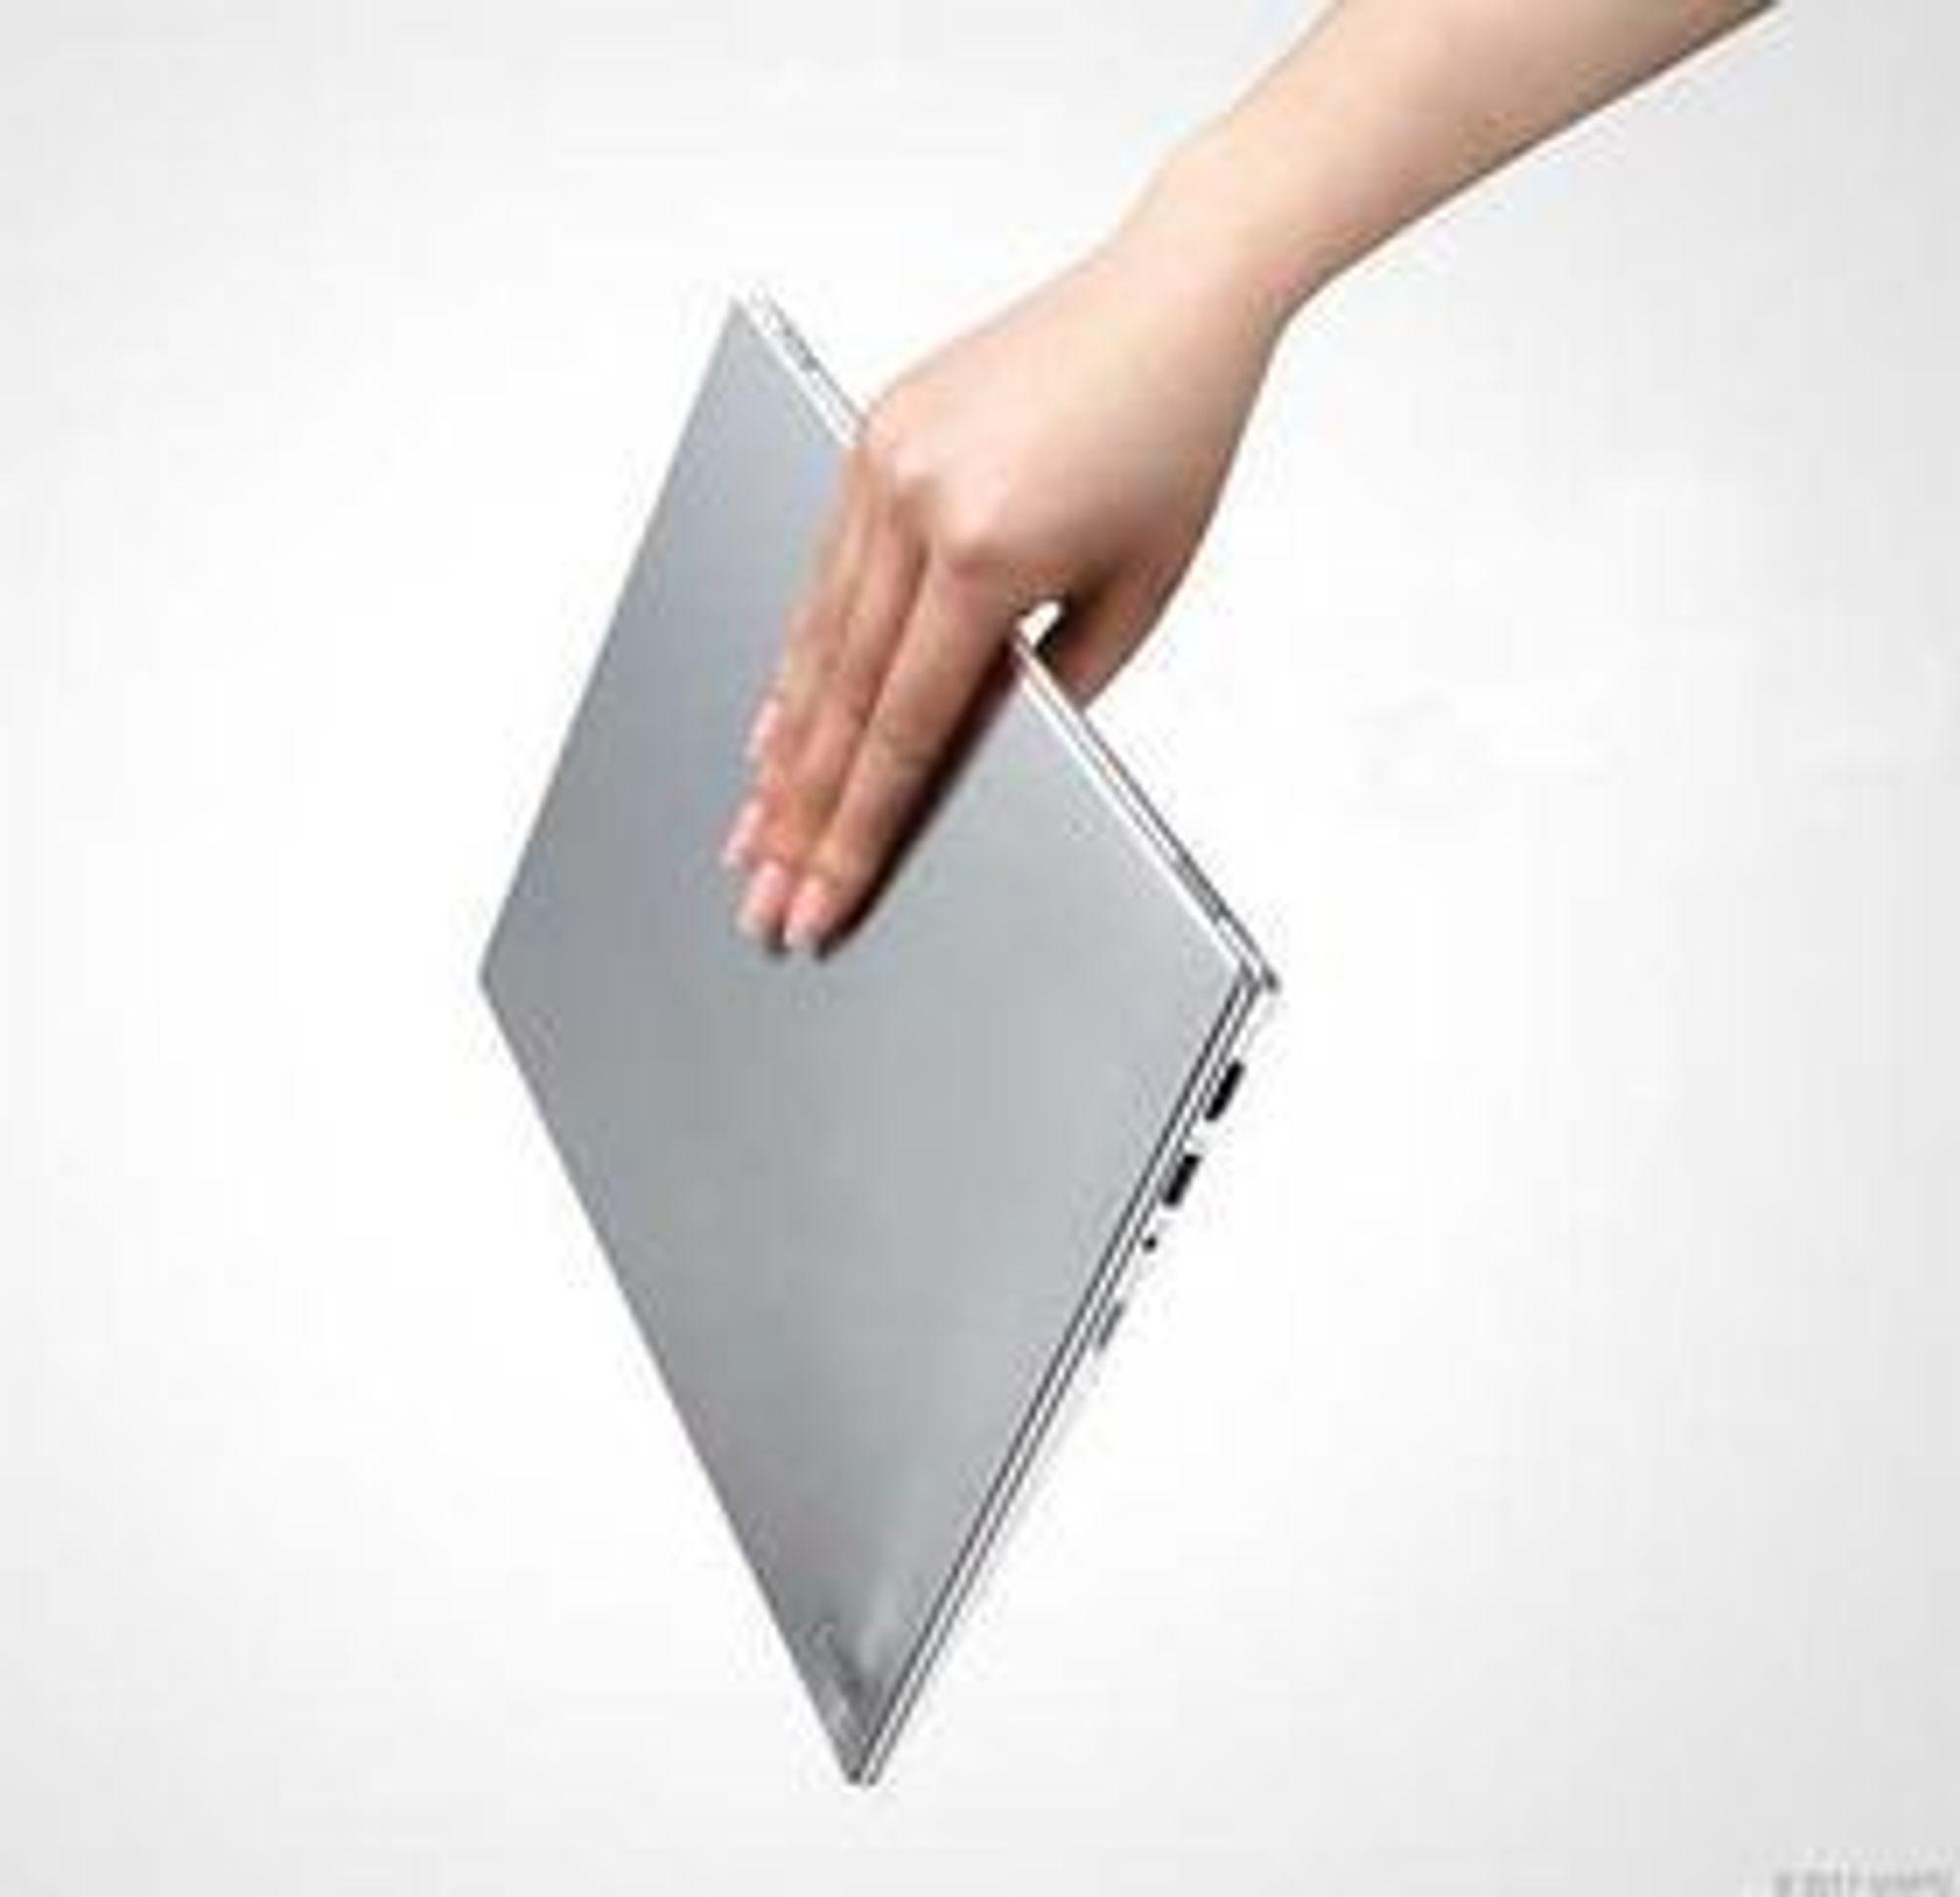 LG lanserte rett før CES sin nye Ultrabook z330. Den tynneste Core i7-maskinen i verden...